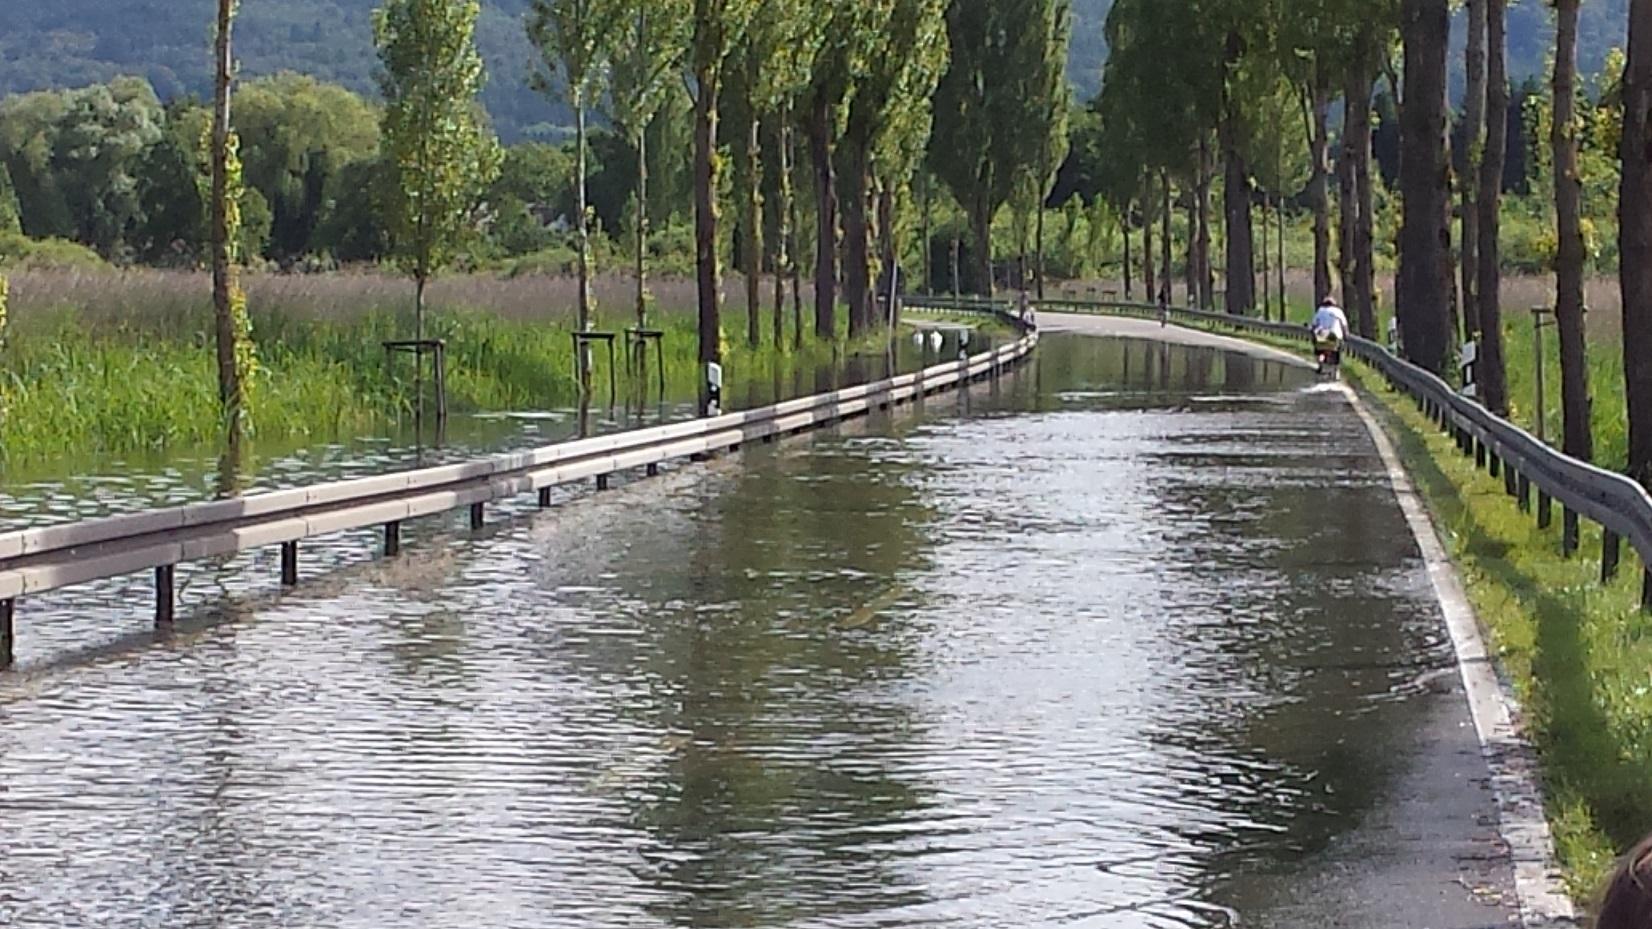 berschwemmung.jpg